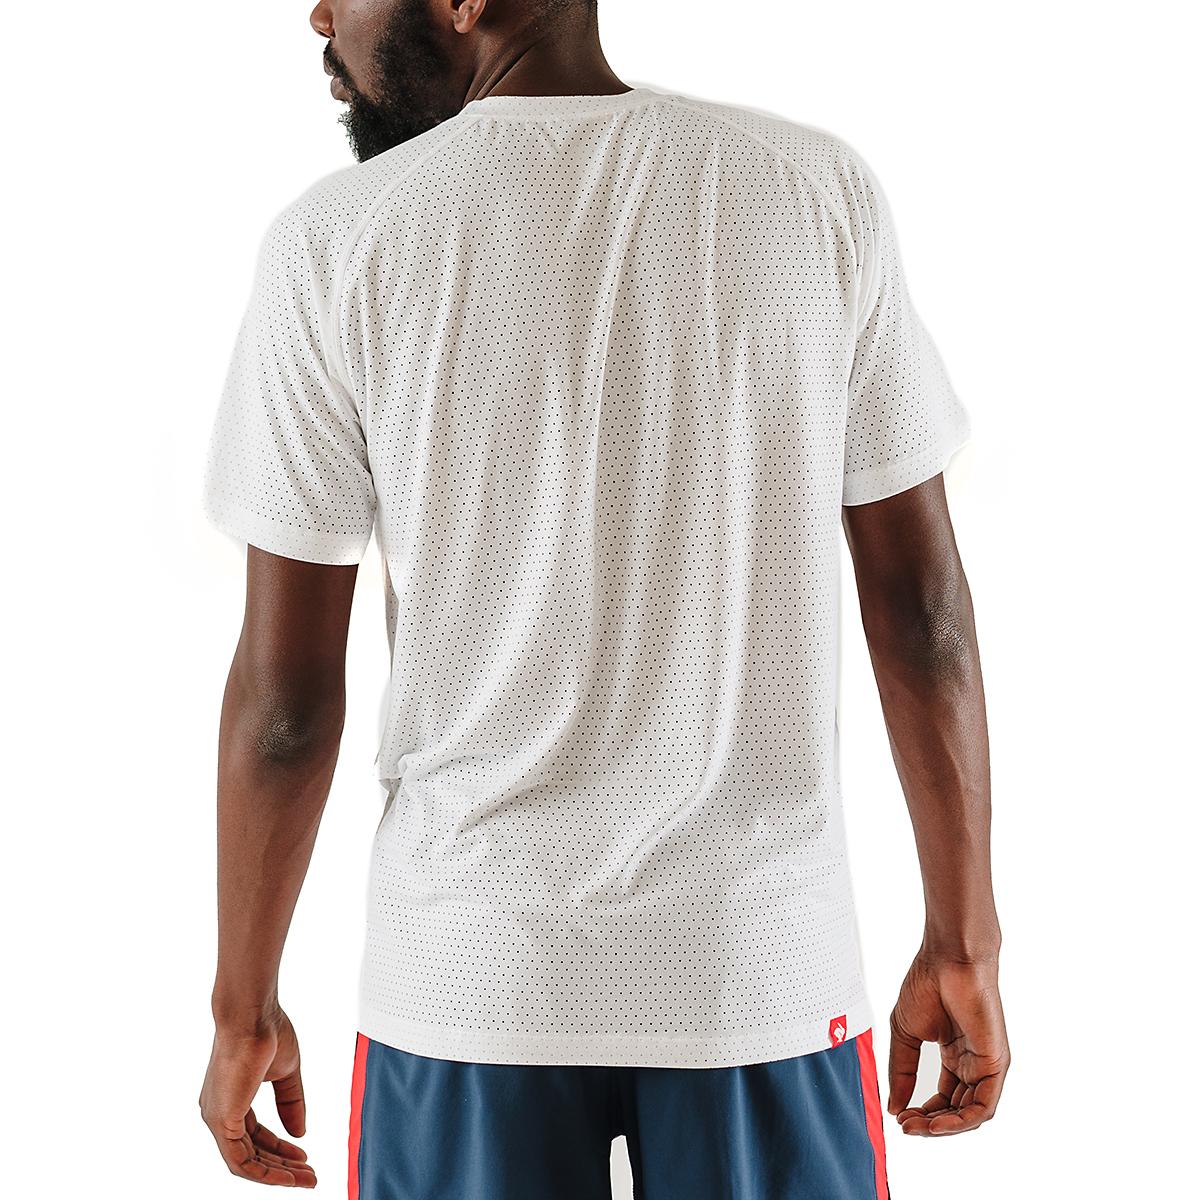 Men's Rabbit EZ Tee Perf Short Sleeve - JackRabbit Exclusive - Color: White - Size: S, White, large, image 2